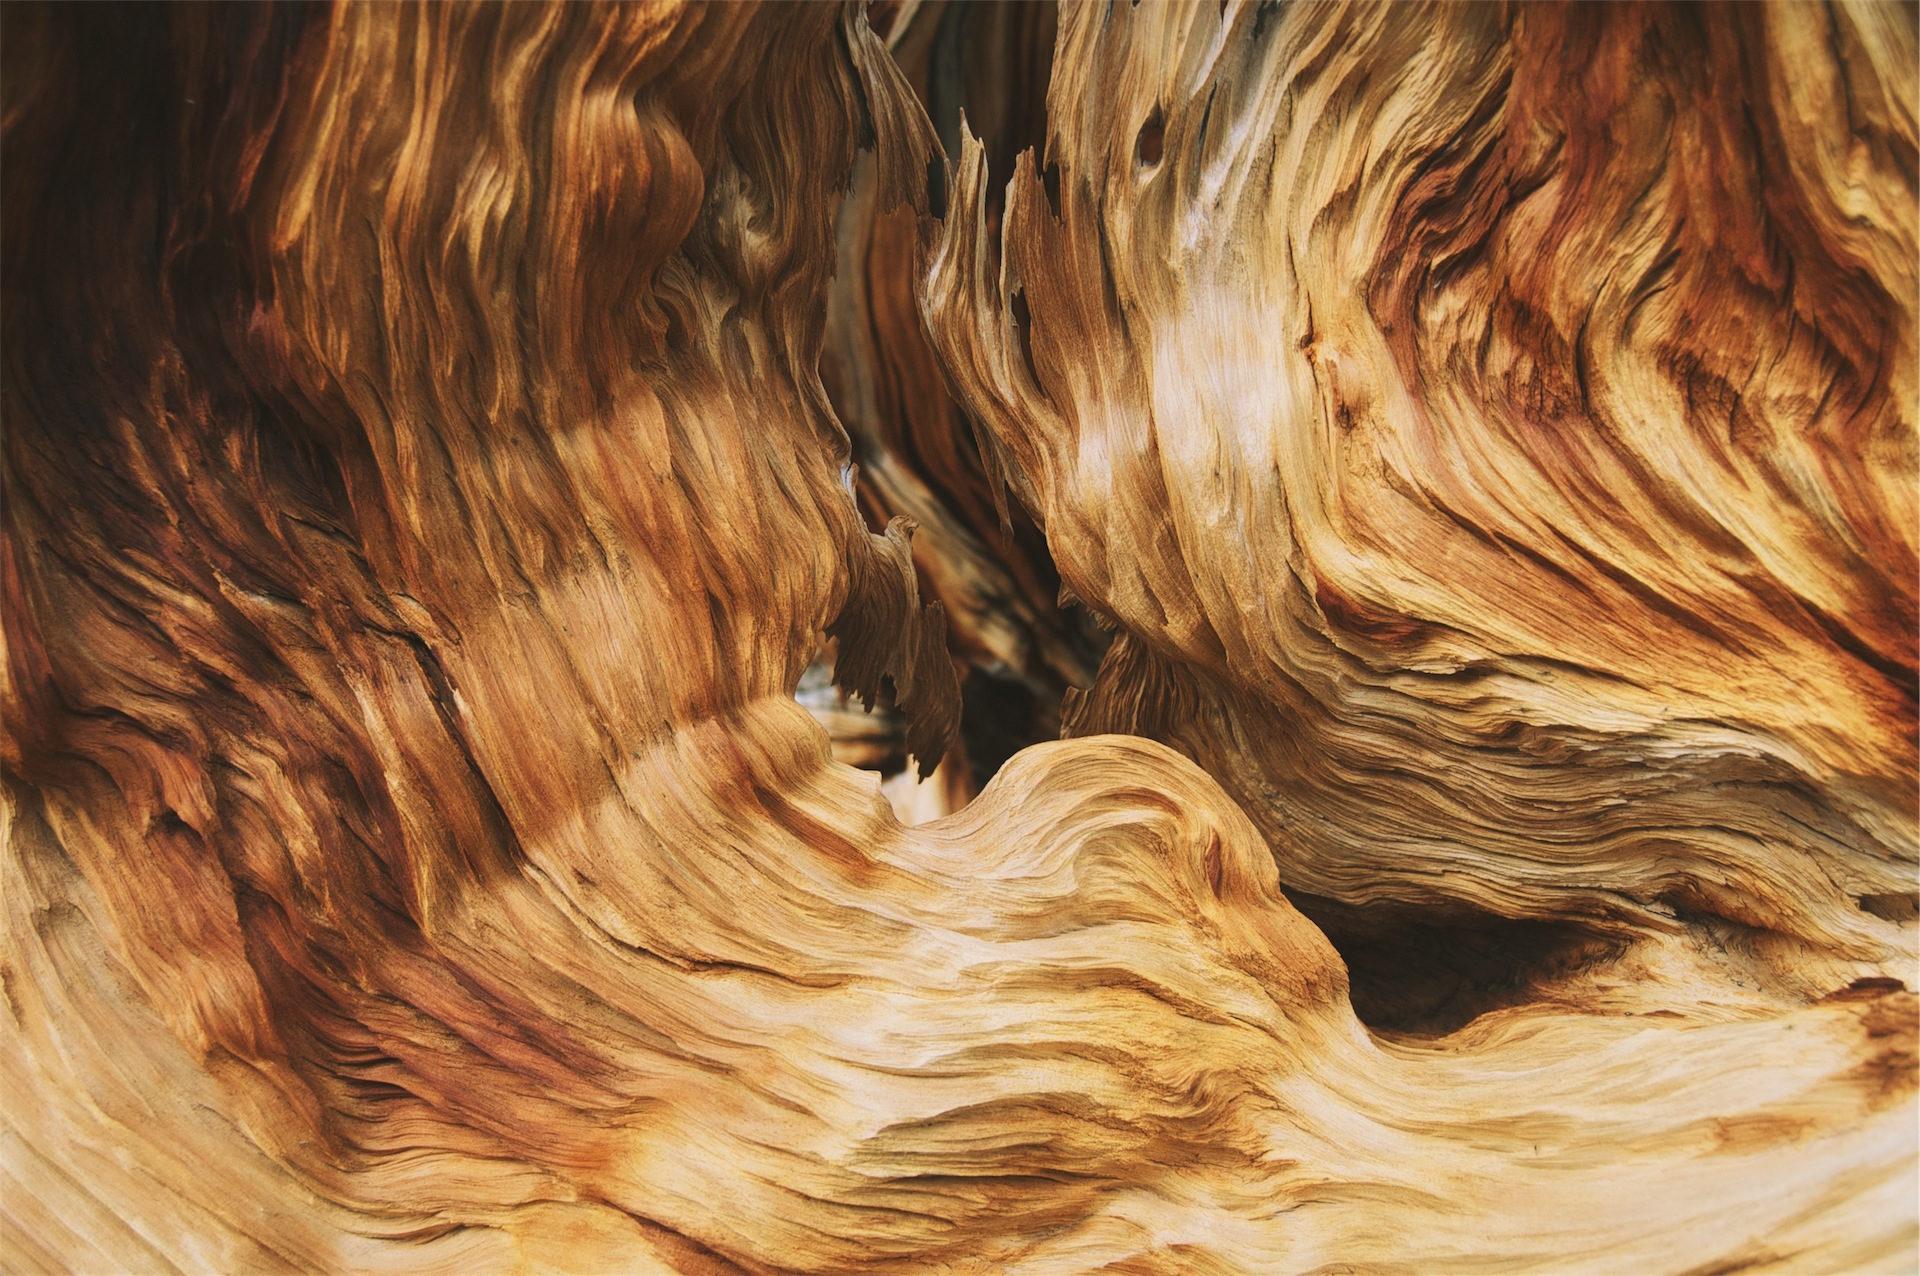 вен, Вуд, волны, красочные, градиент - Обои HD - Профессор falken.com